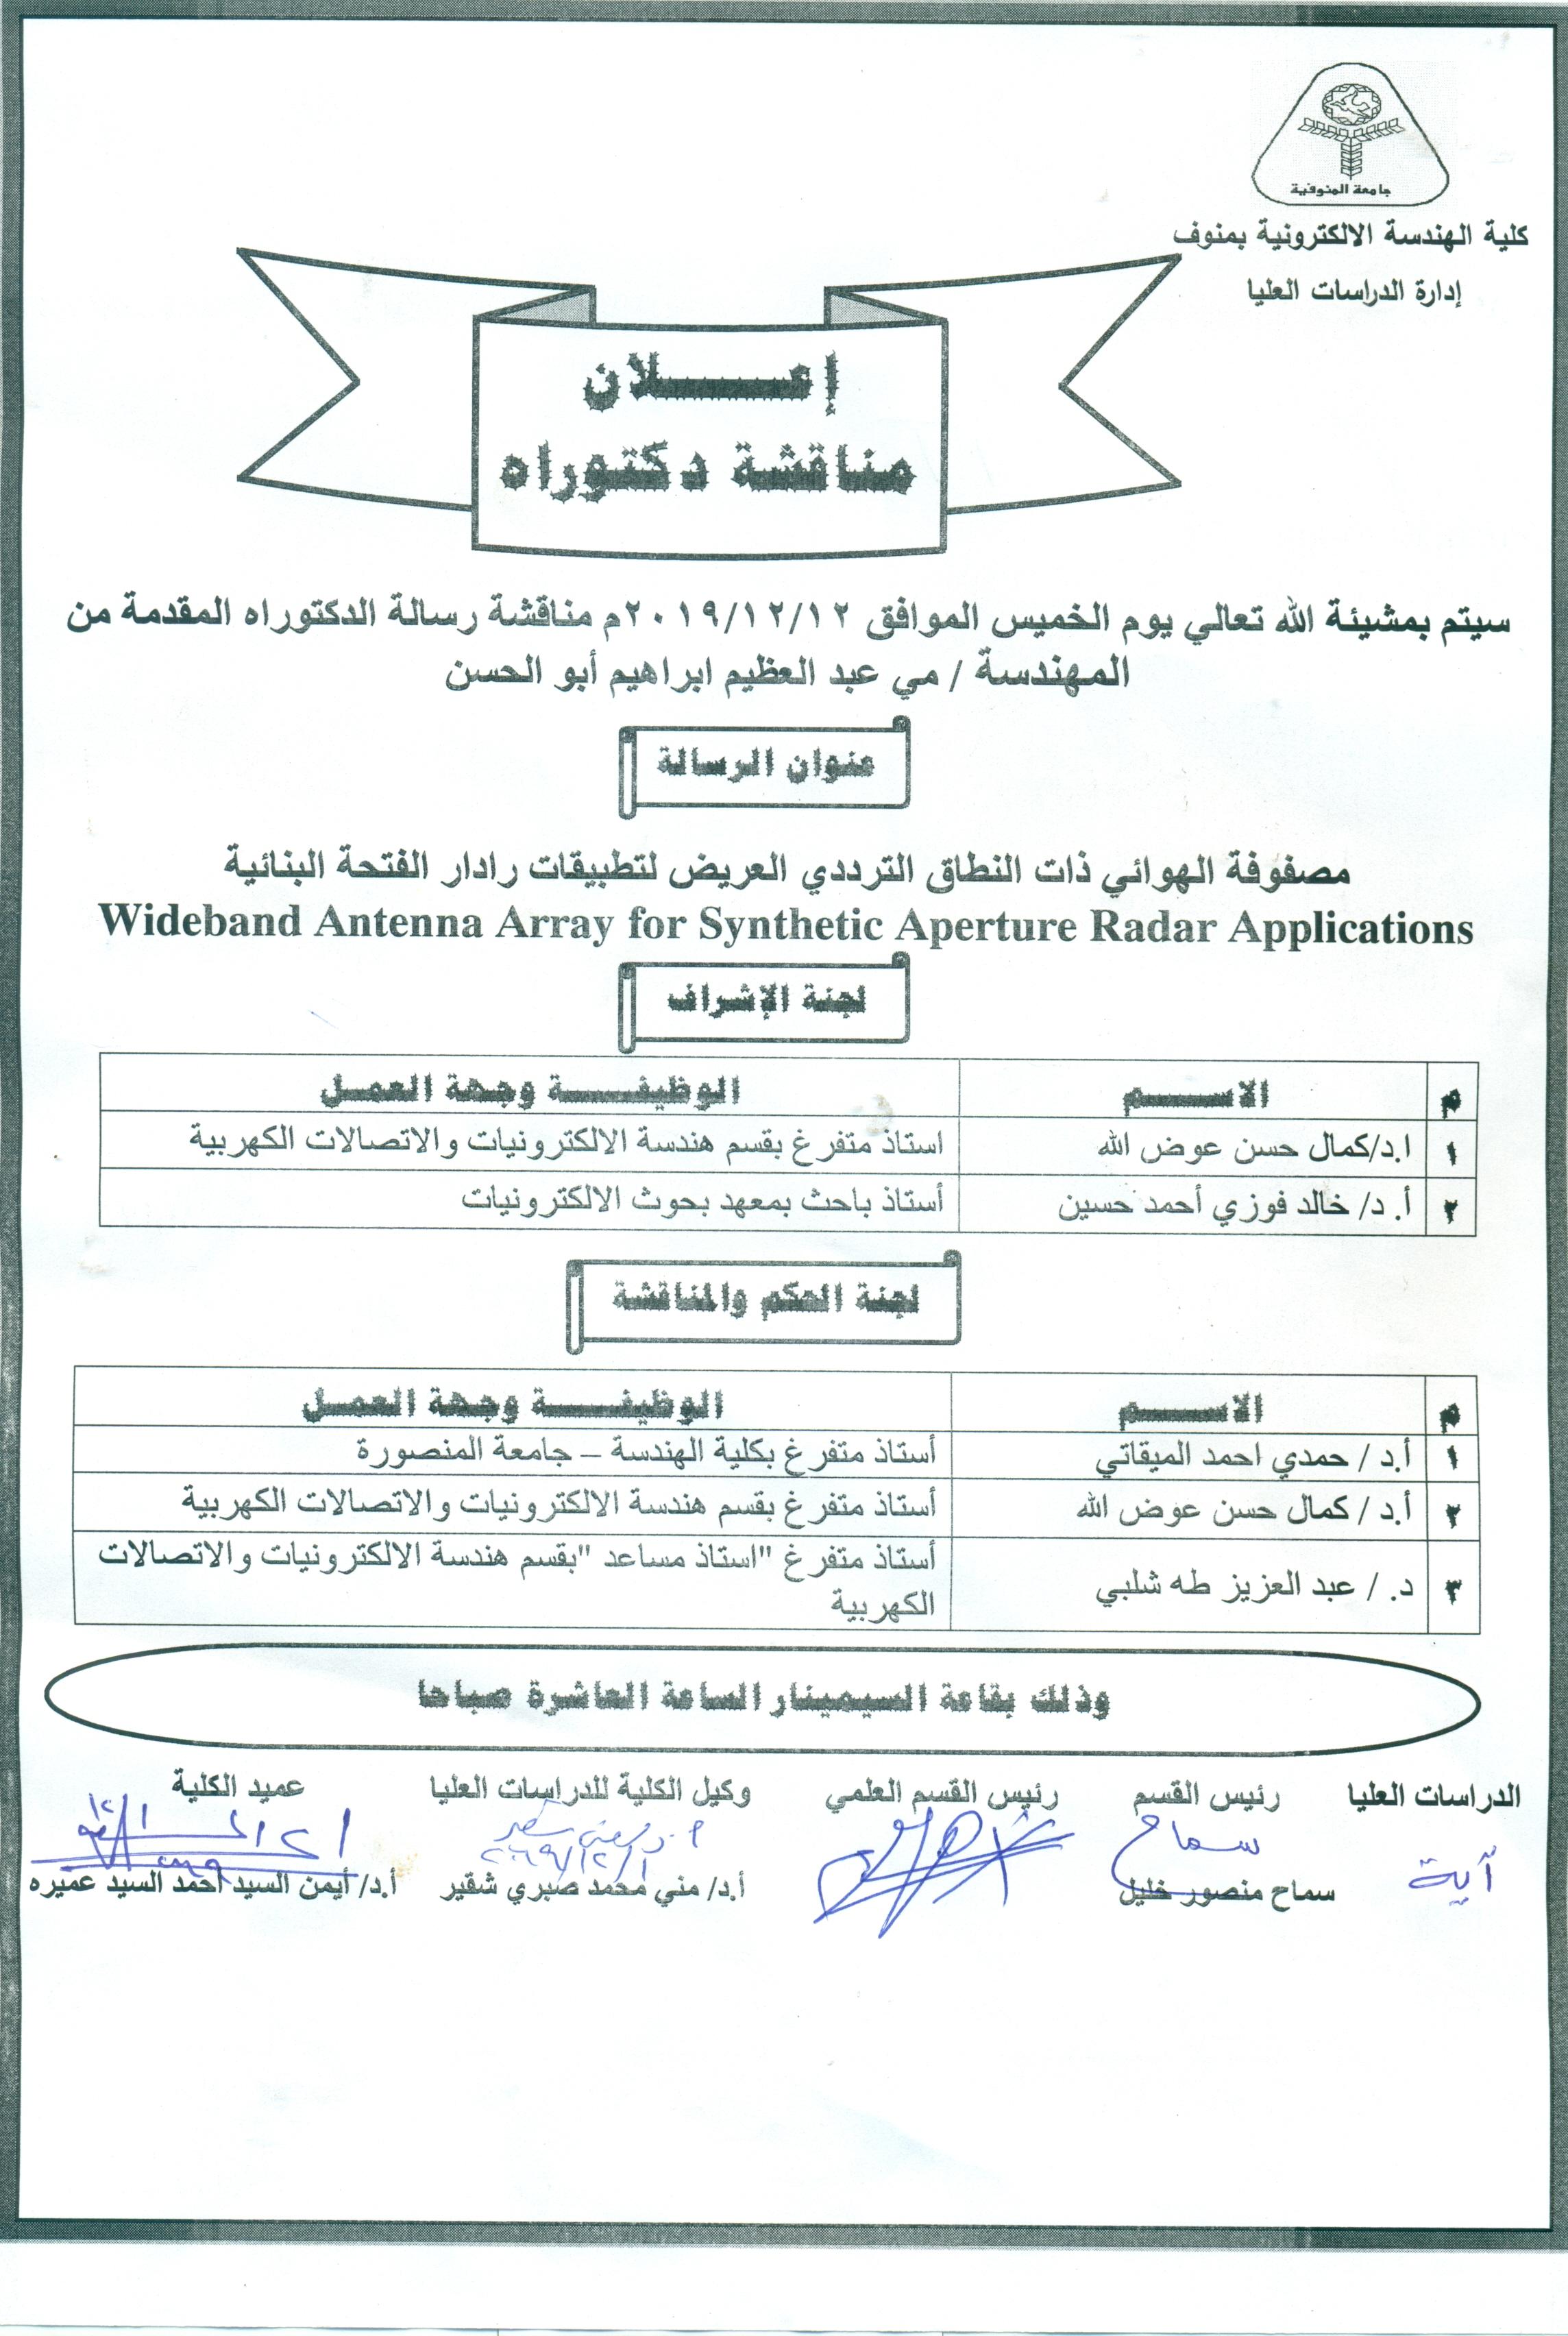 مناقشة رسالة الدكتوراه للمهندسة  / مى عبد العظيم ابراهيم أبو الحسن